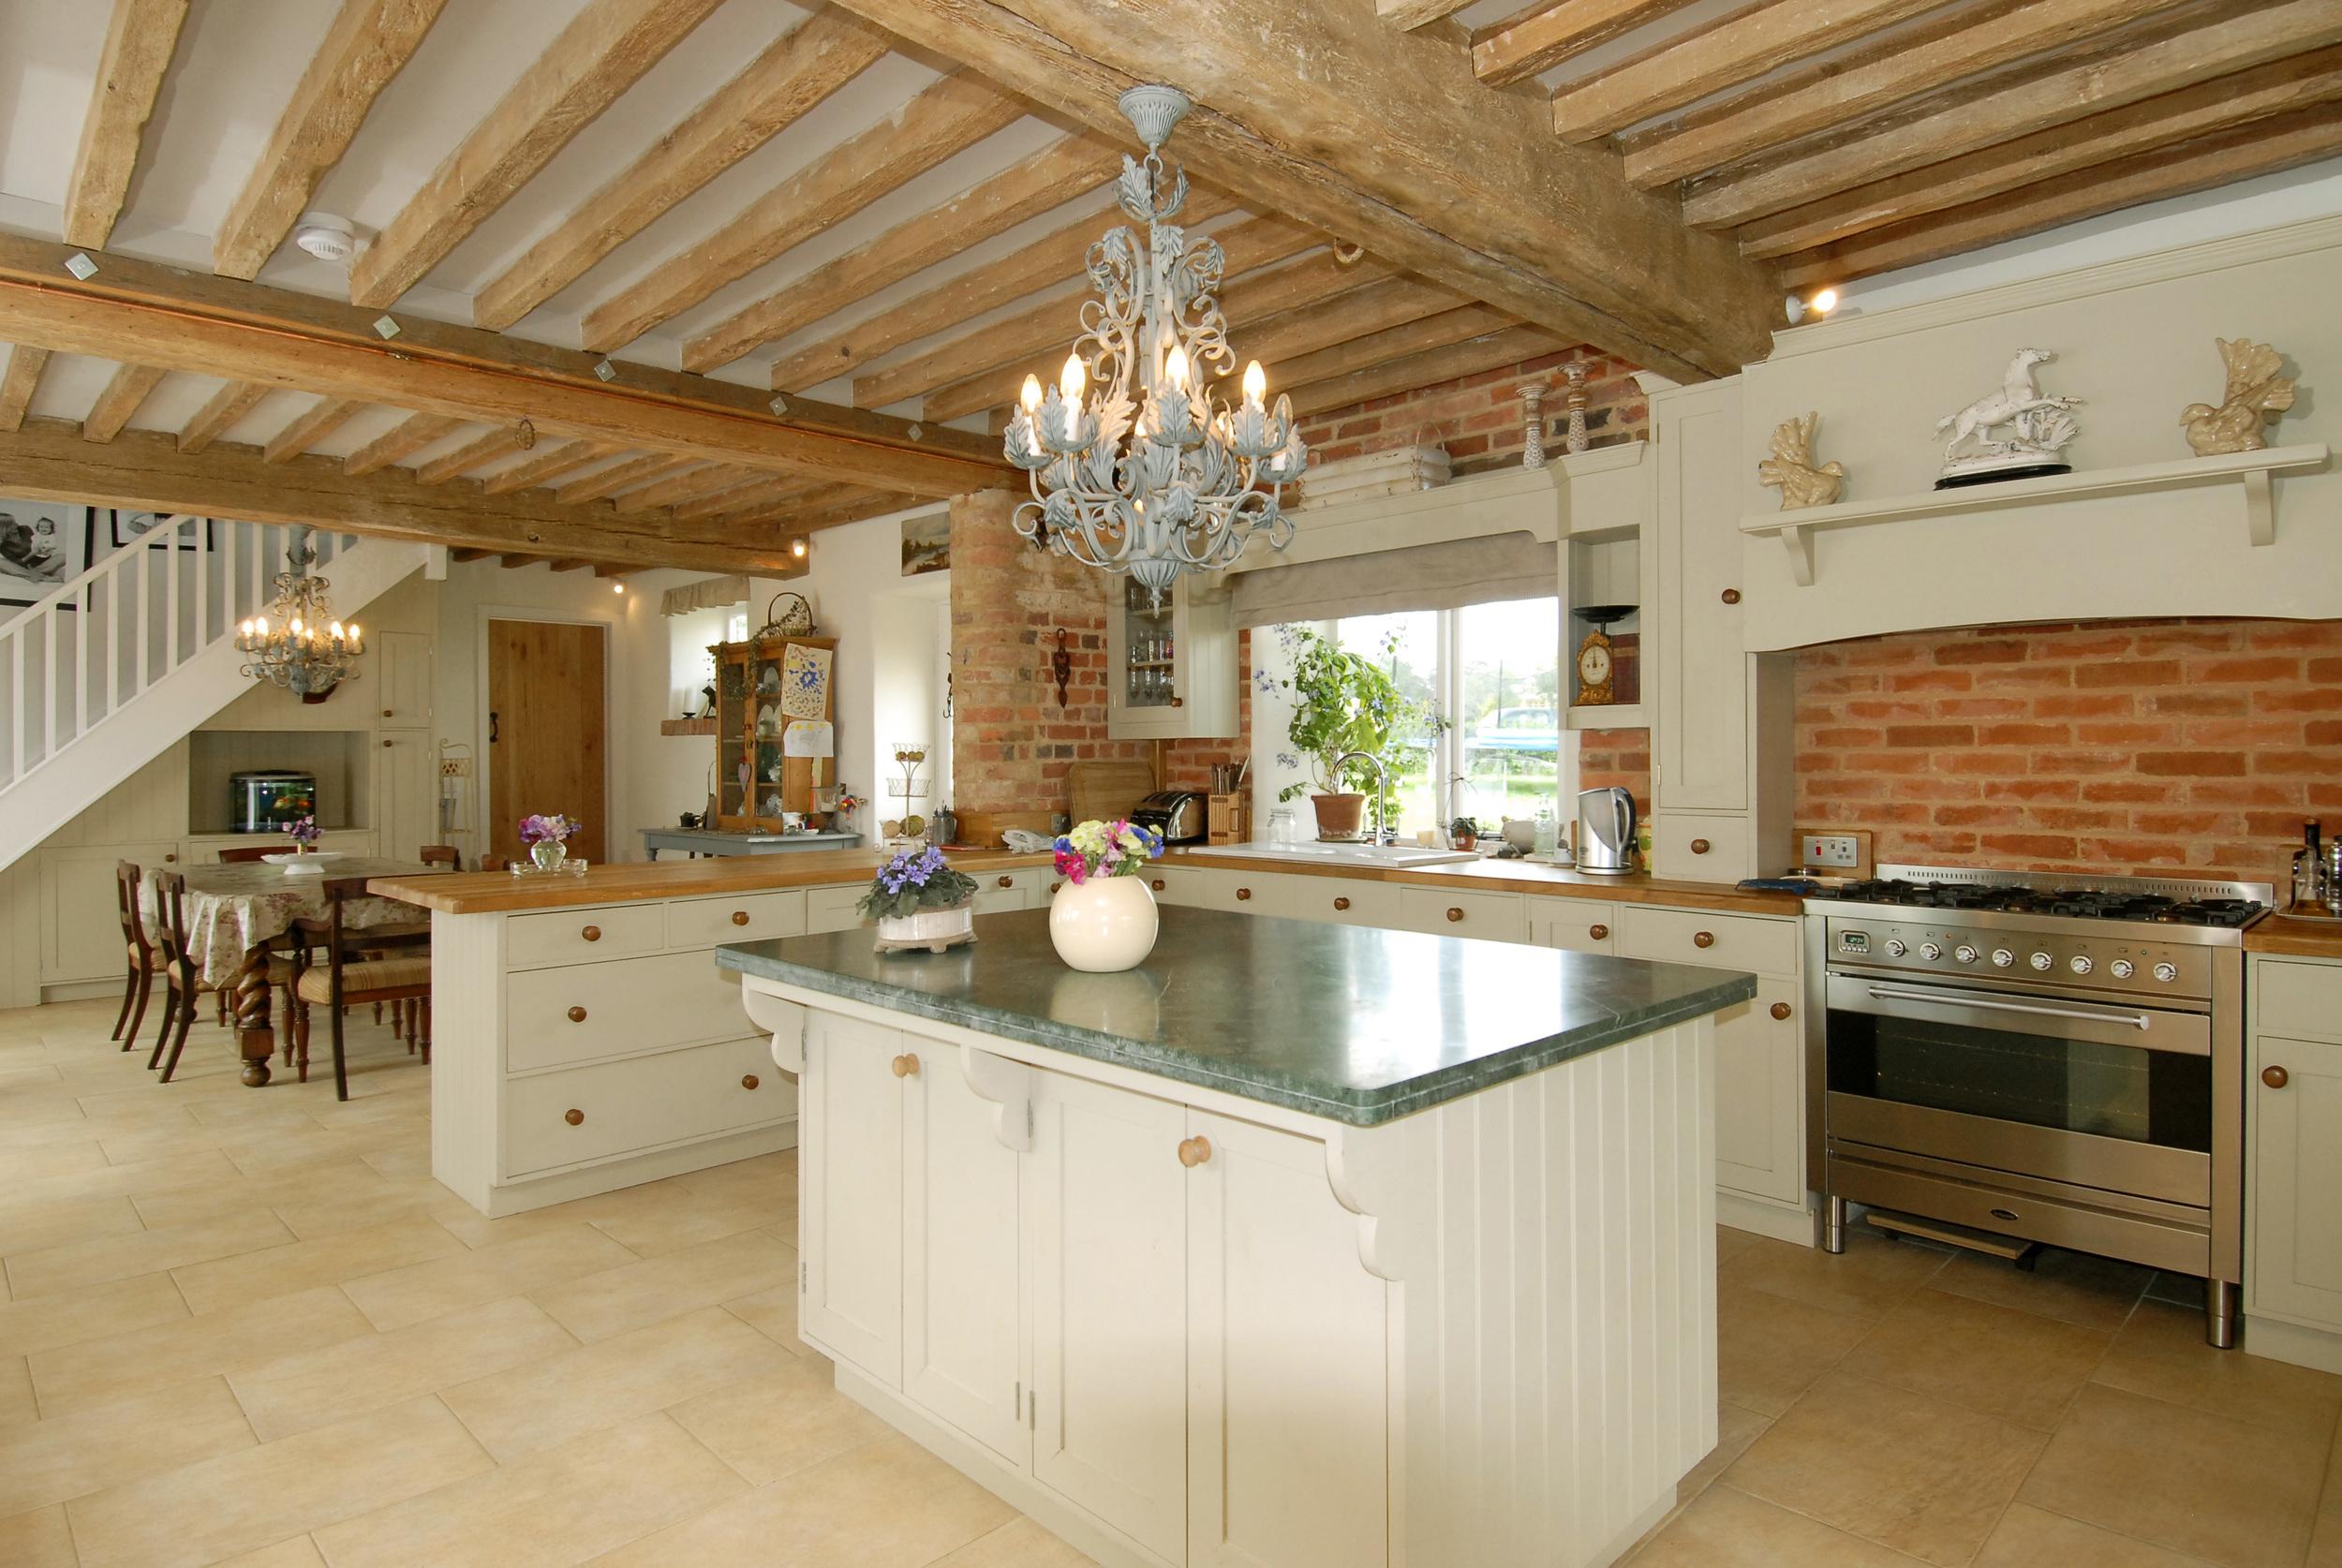 designed-by-elegant-wordpress-themes-powered-by-wordpress-best-design-open-kitchen-designs.jpg